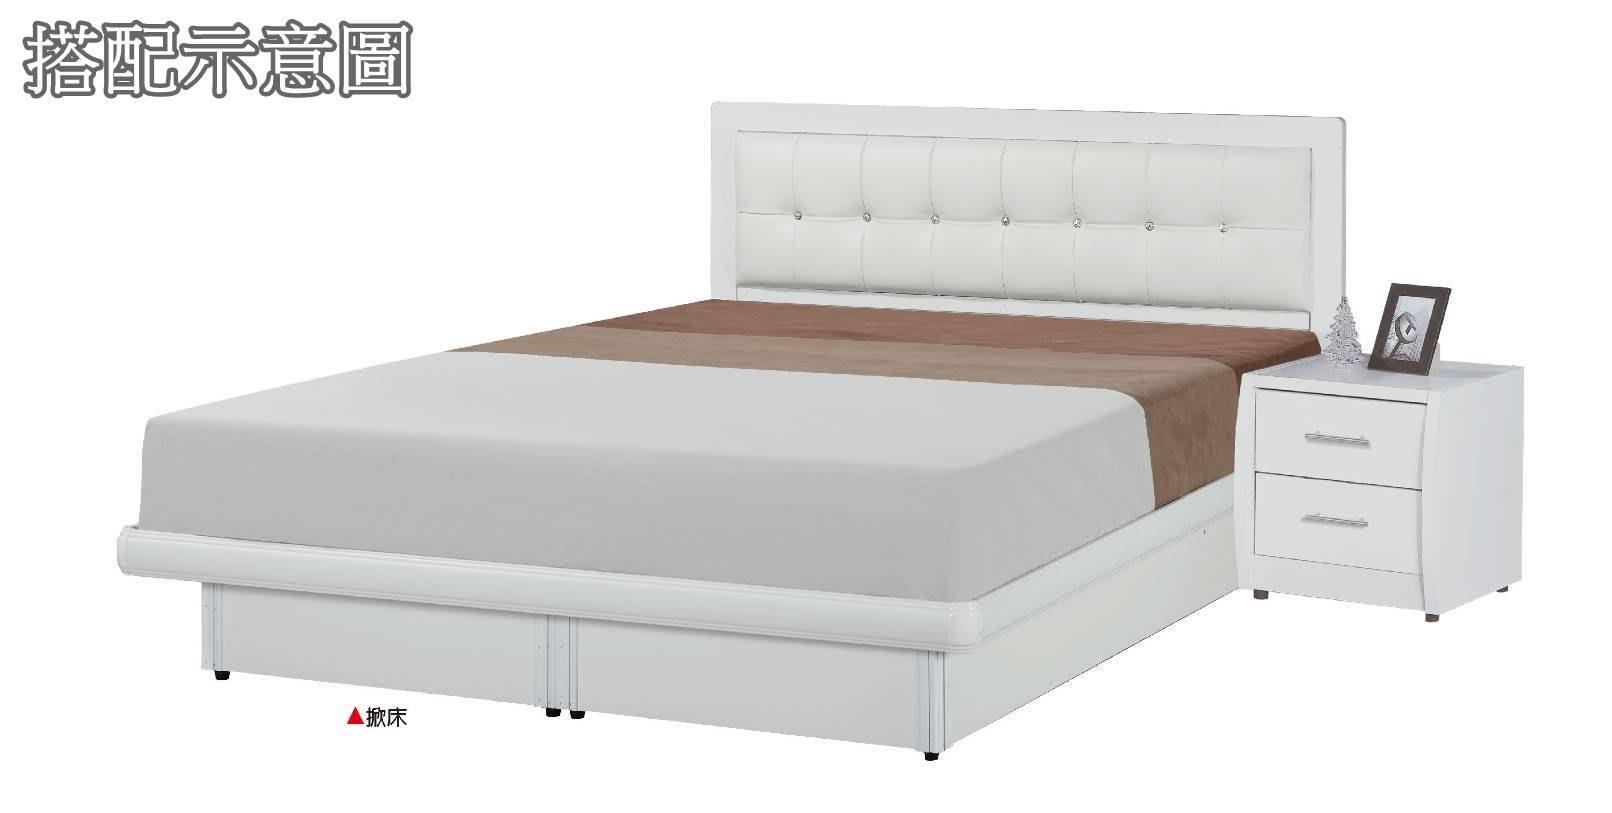 【生活家傢俱】HJS-98-5◎亞斯5尺白色床片型後掀雙人床【台中8900送到家】白色乳膠皮床頭片+氣壓棒掀床 木心板